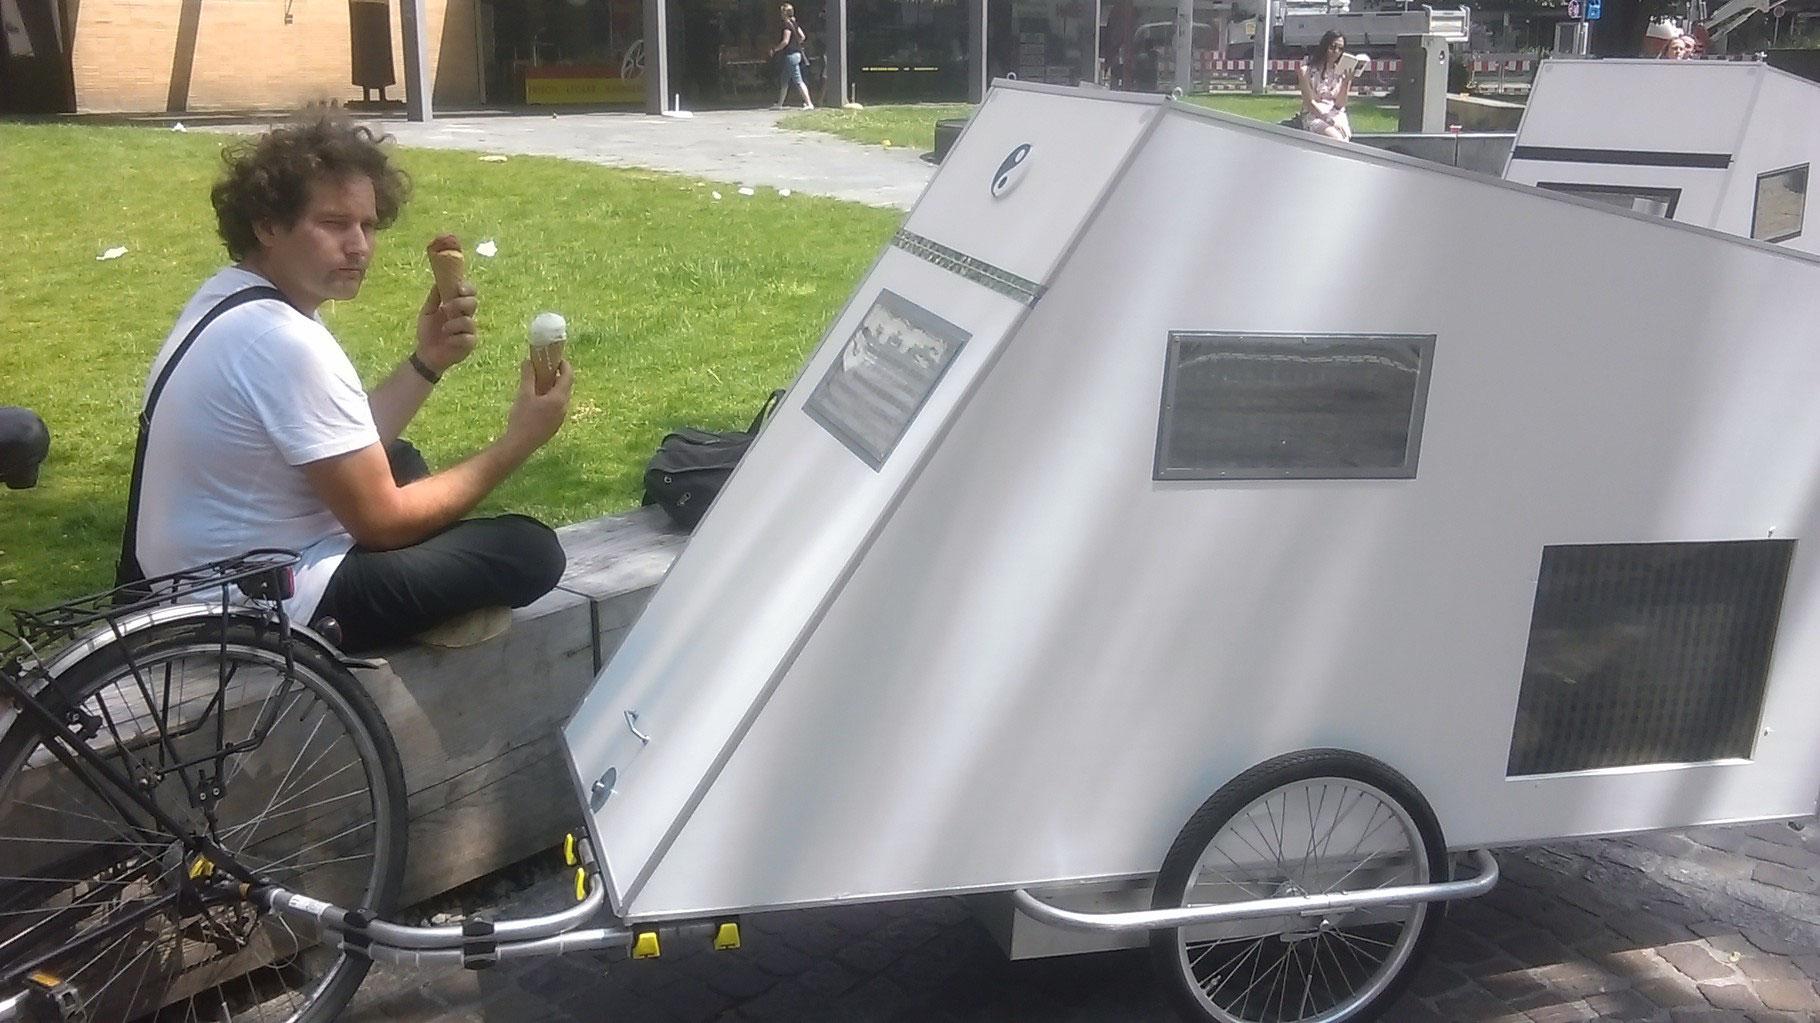 unsere fahrradstadt freiburg wohnwagen f r 39 s fahrrad. Black Bedroom Furniture Sets. Home Design Ideas